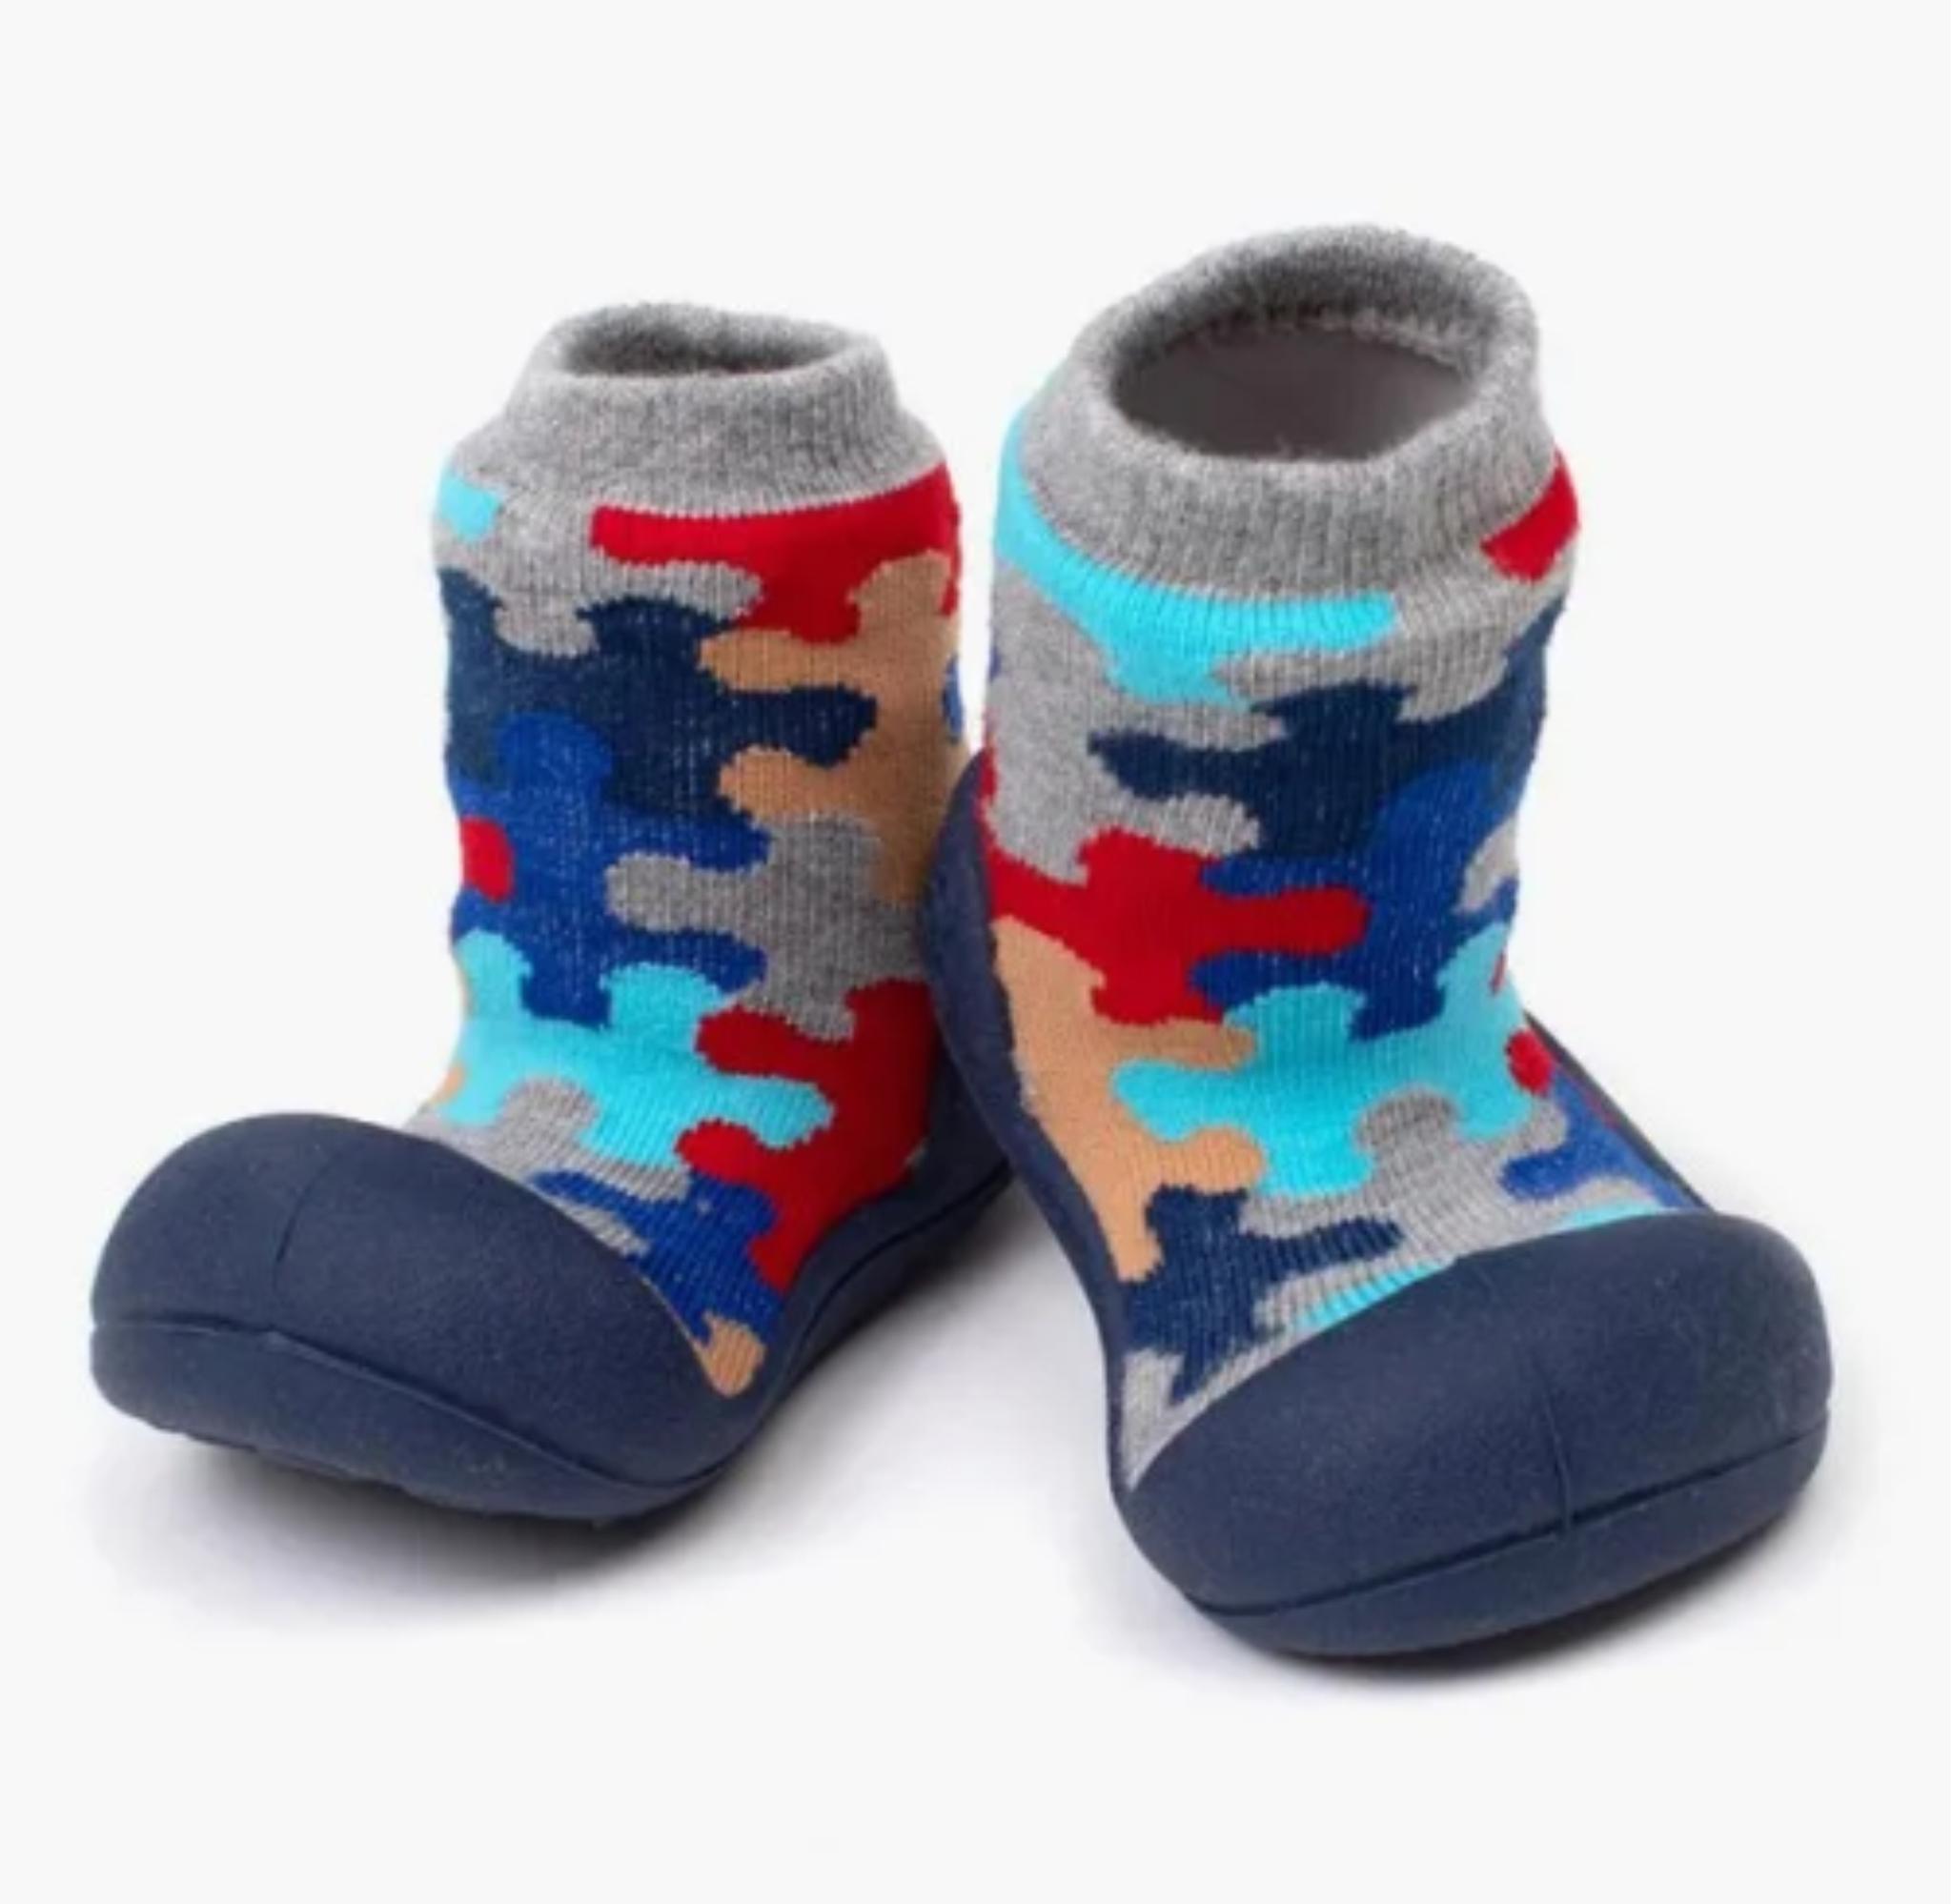 Детская обувь, ботинки марки Attipas Puzzle